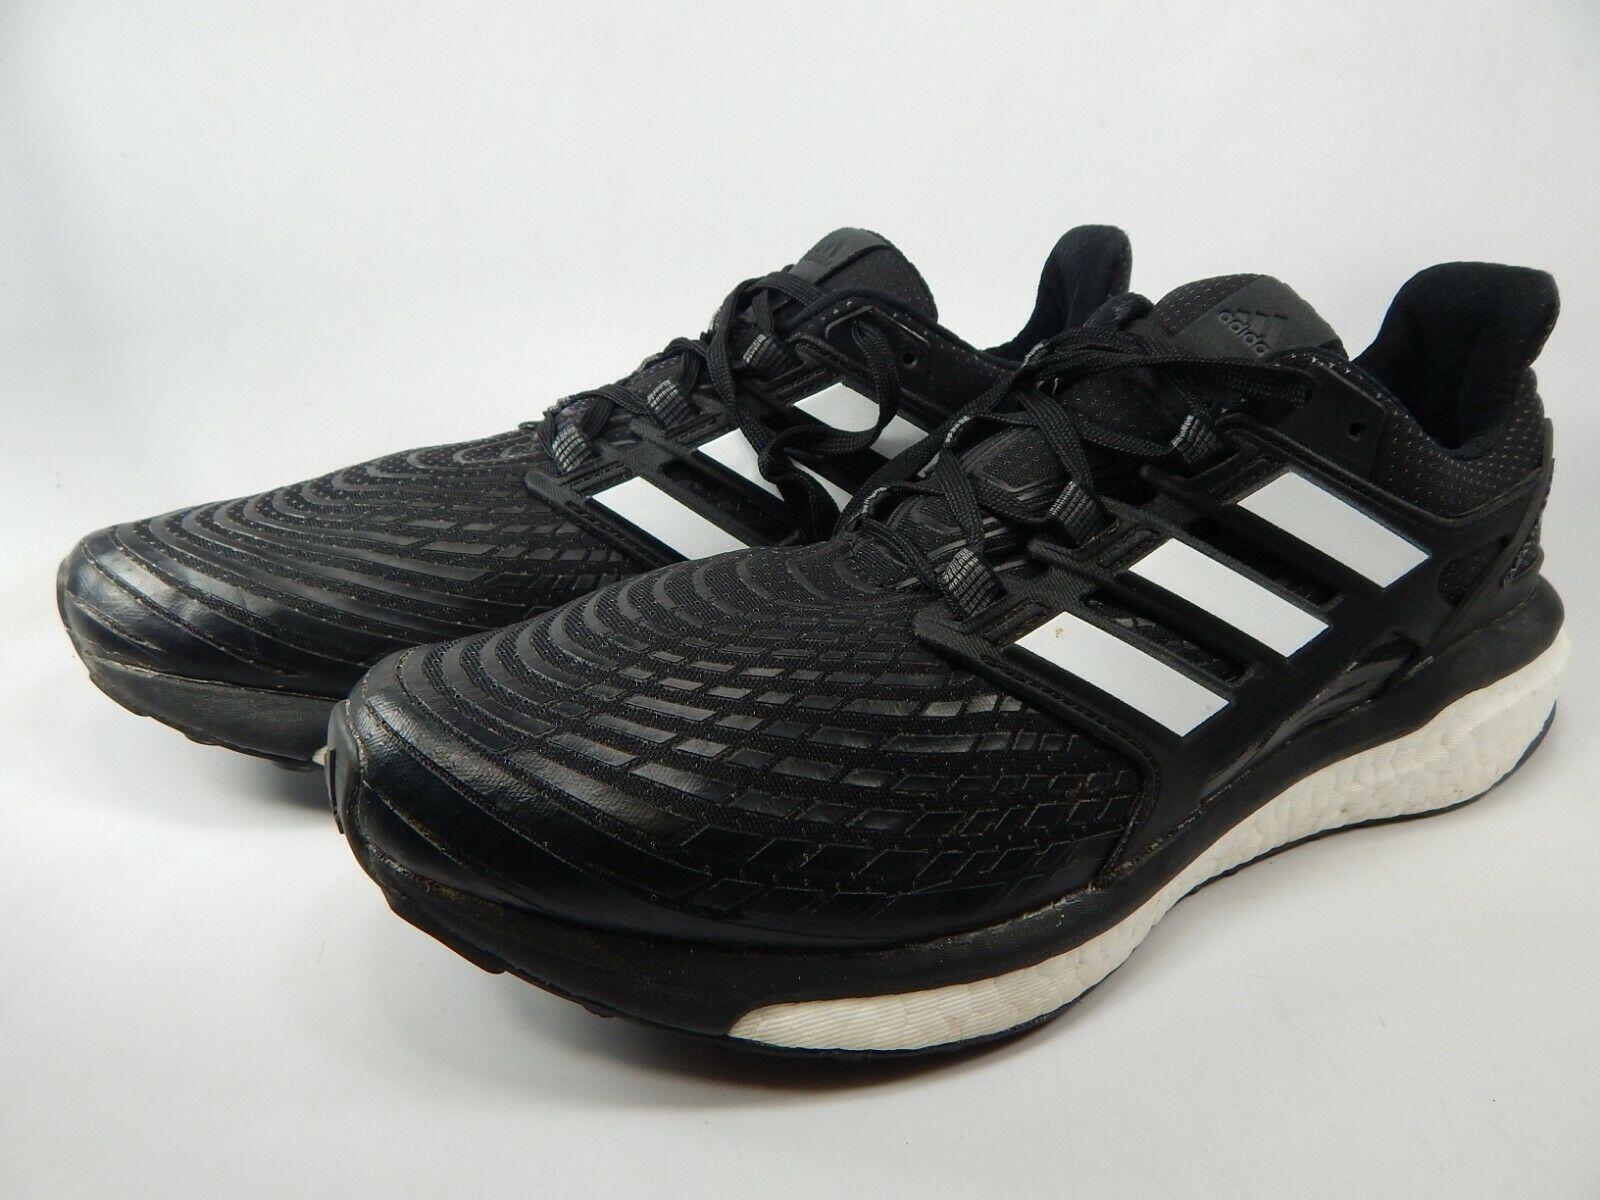 Adidas Énergie Boost Taille US 11 M (D) Eu 45 1/3 Homme Chaussures Course Noir